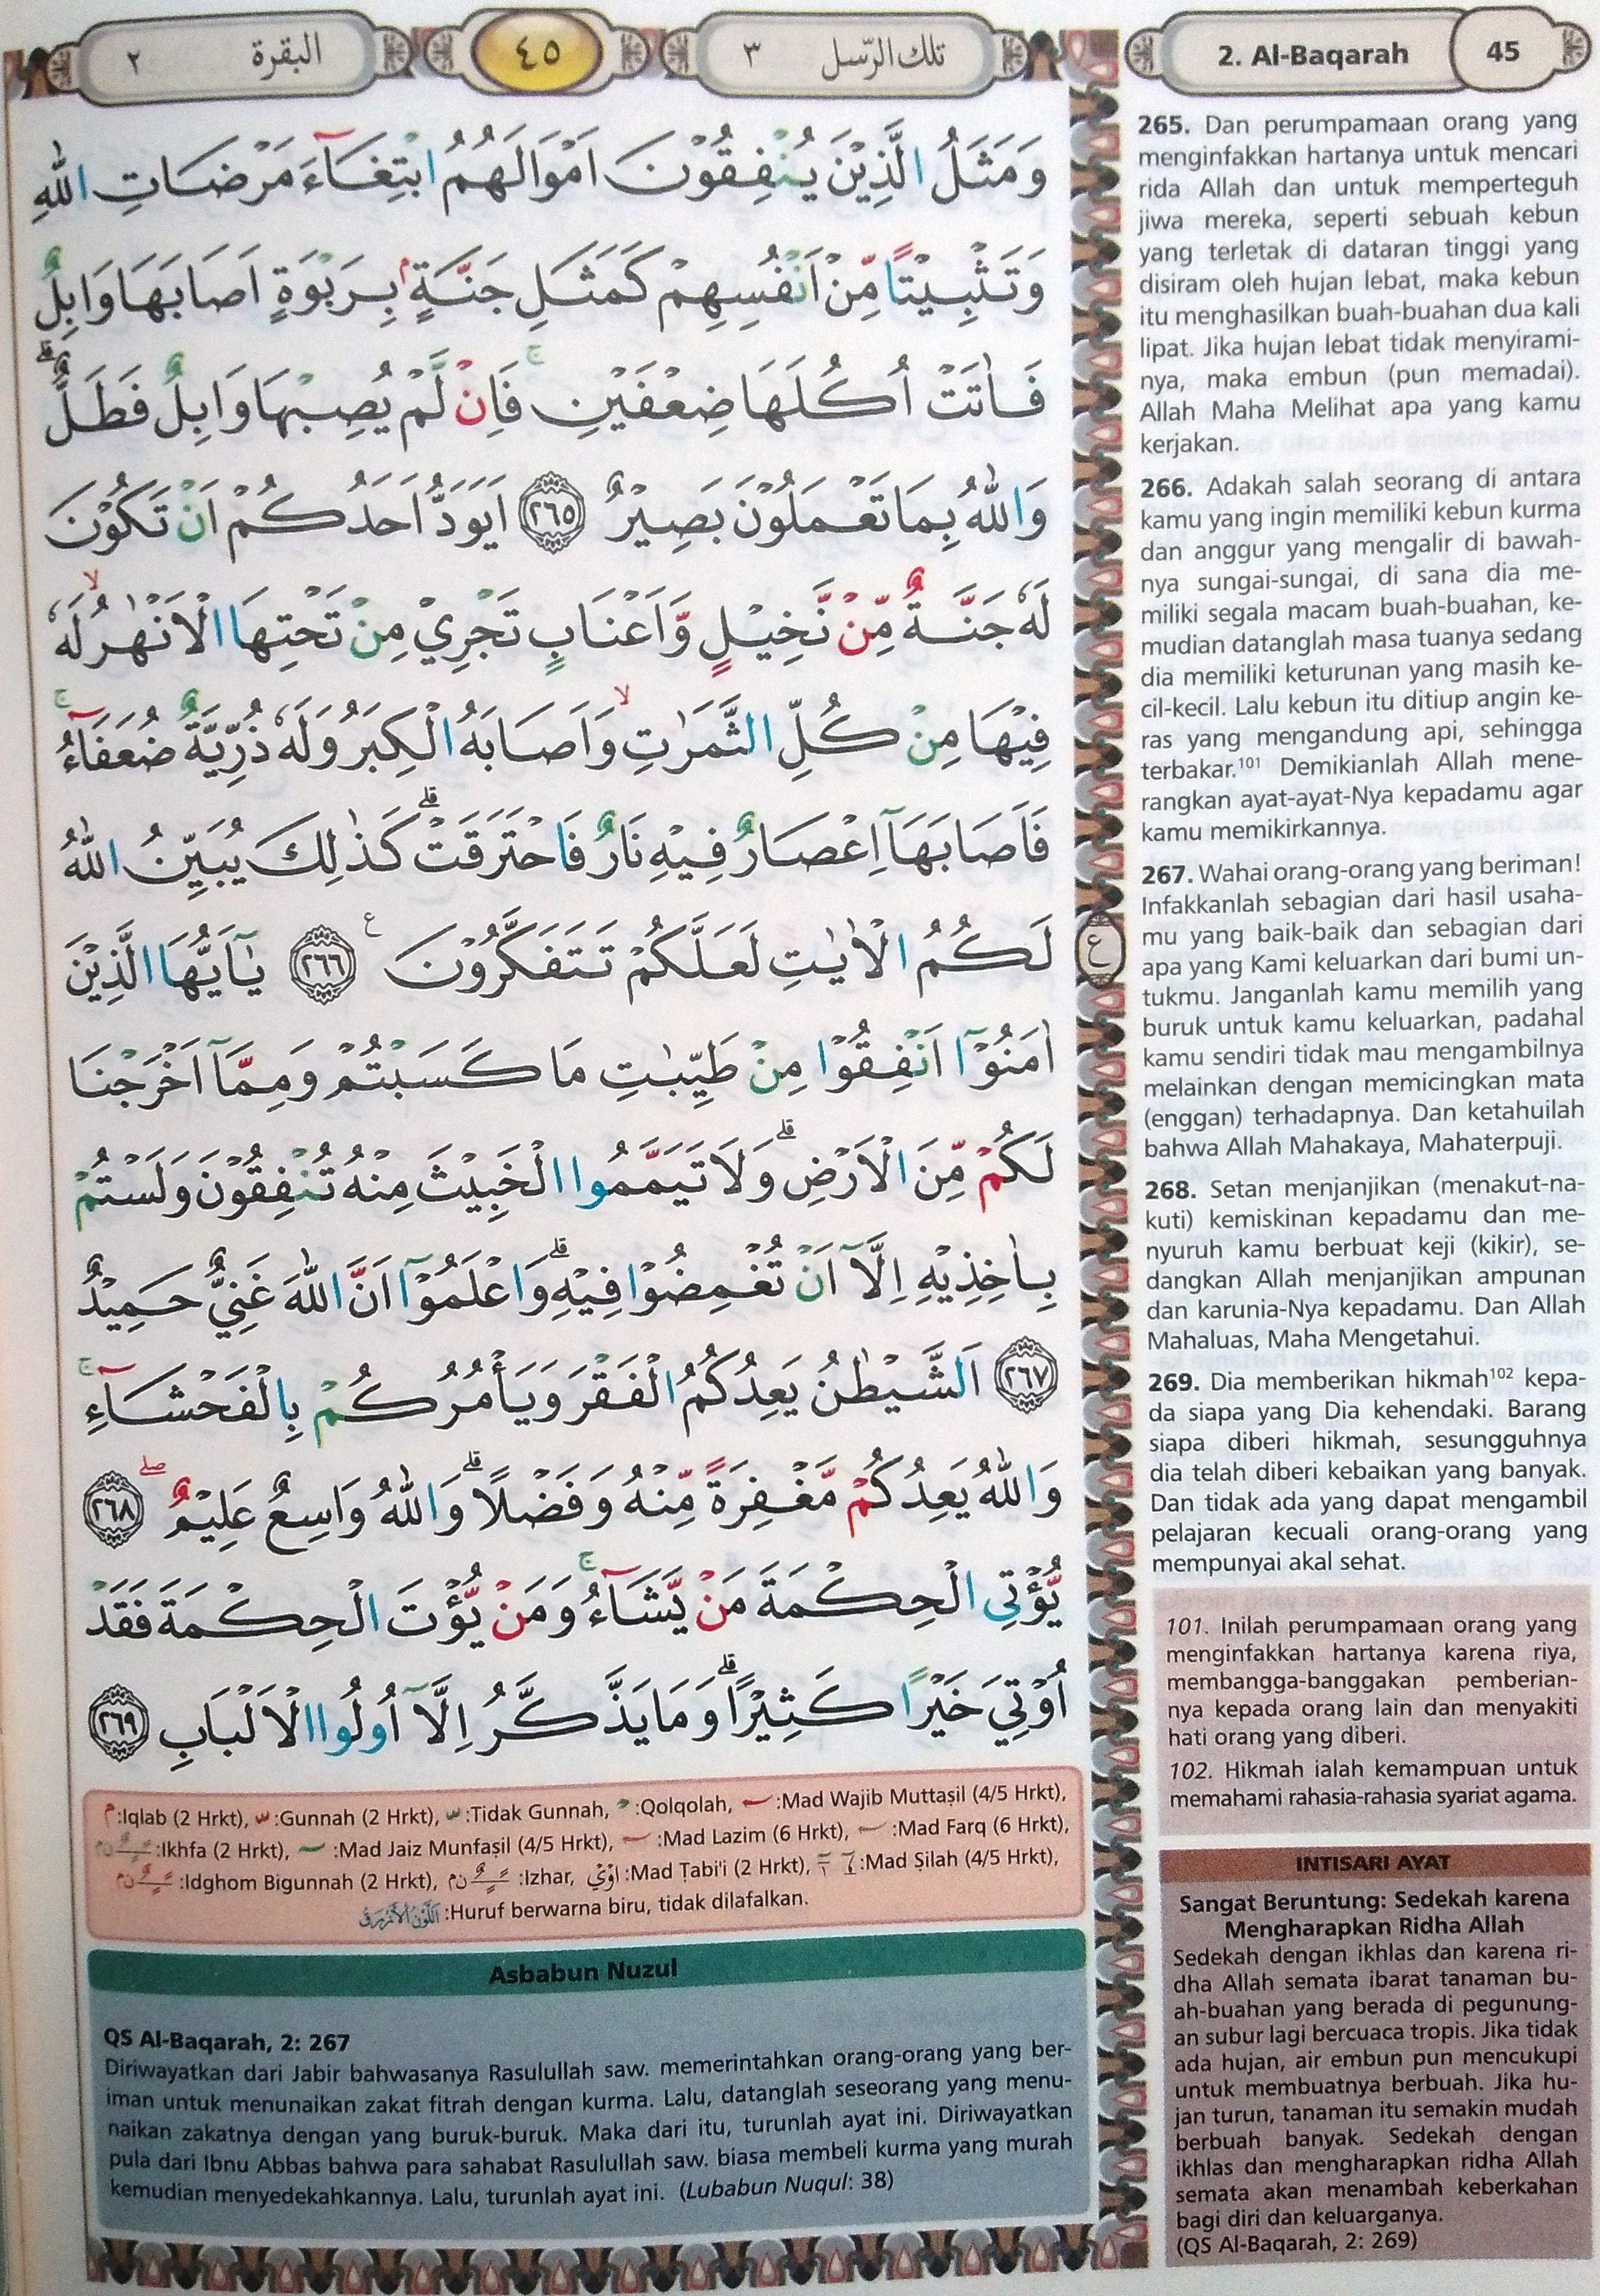 Al Baqarah 265-269